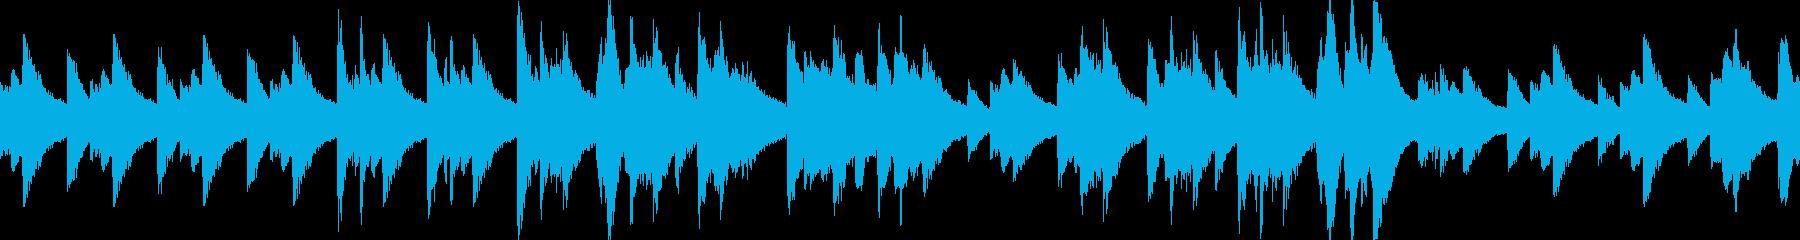 悲しいピアノ曲(LOOP対応)の再生済みの波形